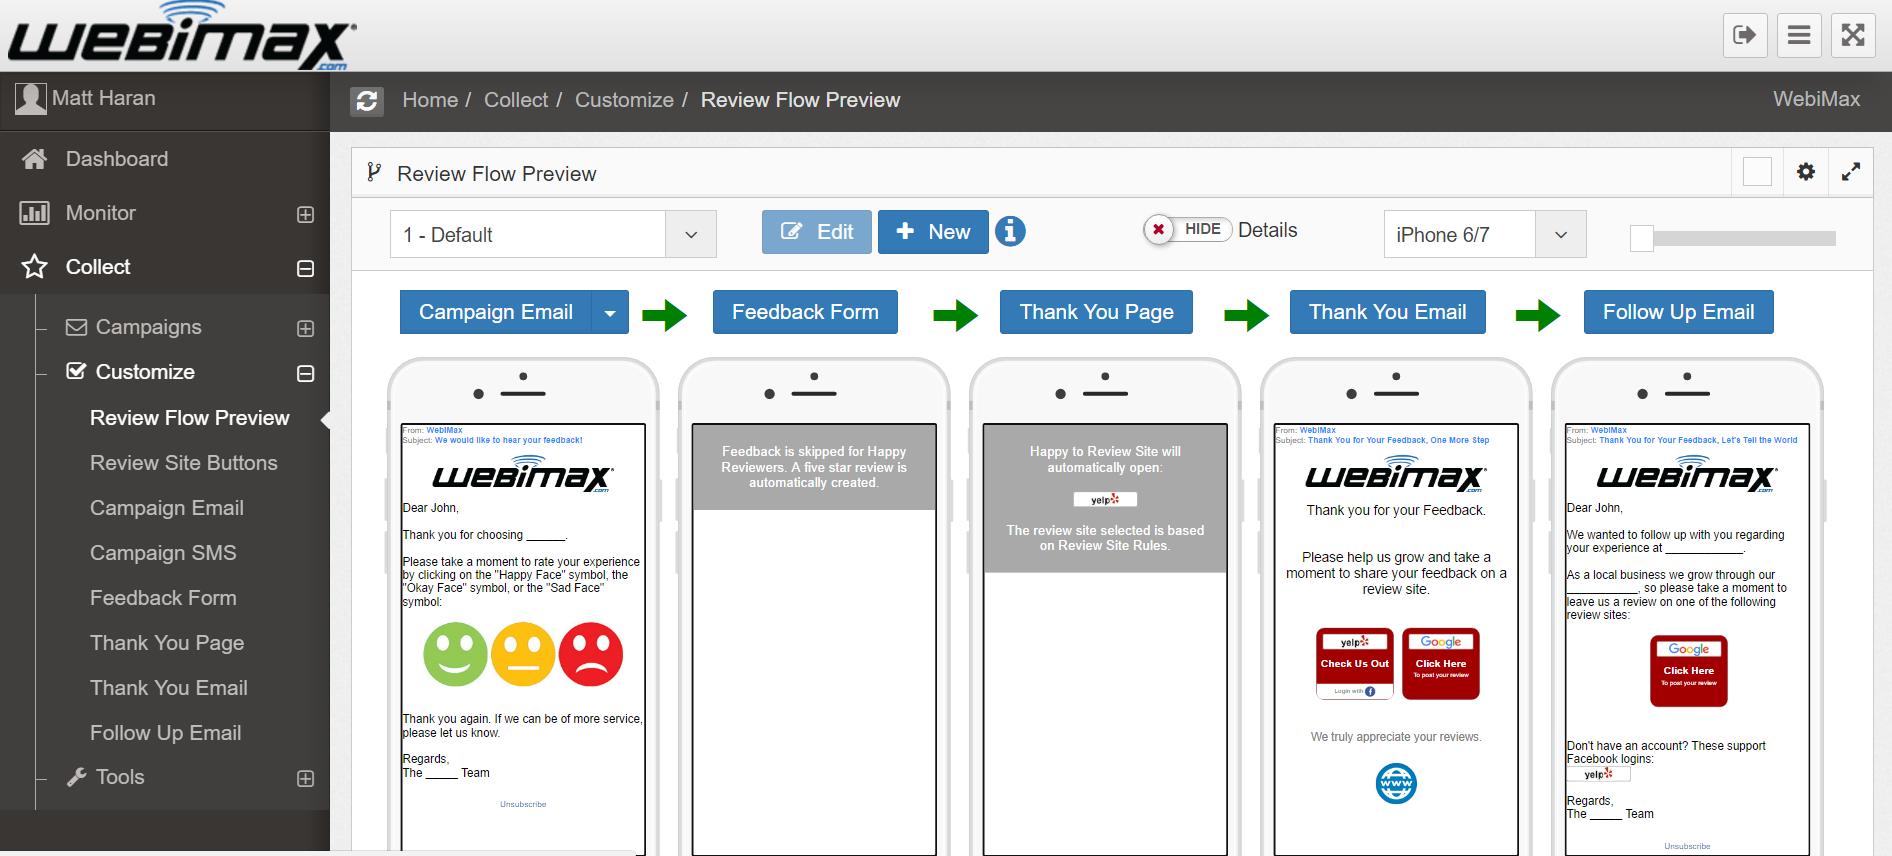 WebiMax Demo - screenshot-2.png